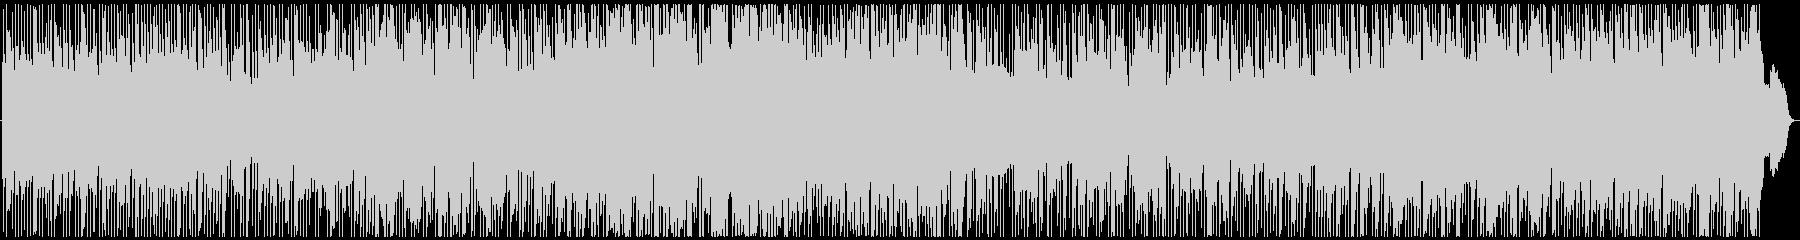 bosanobaの未再生の波形